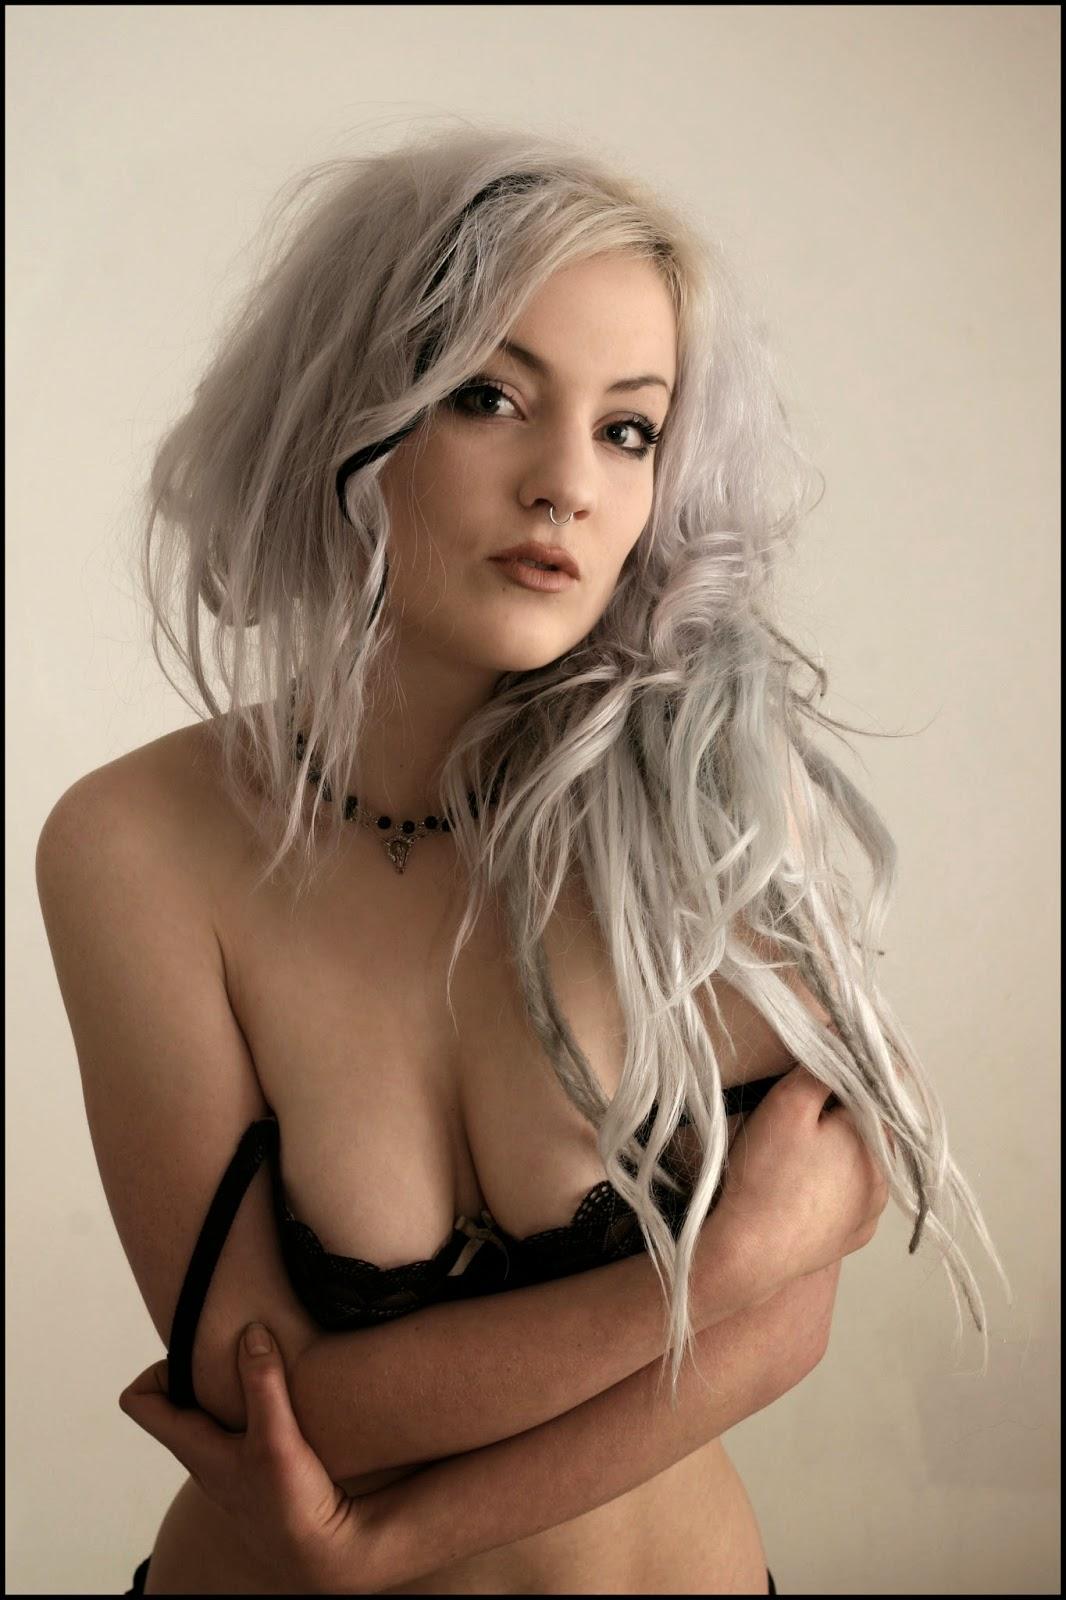 Cam girl ashley